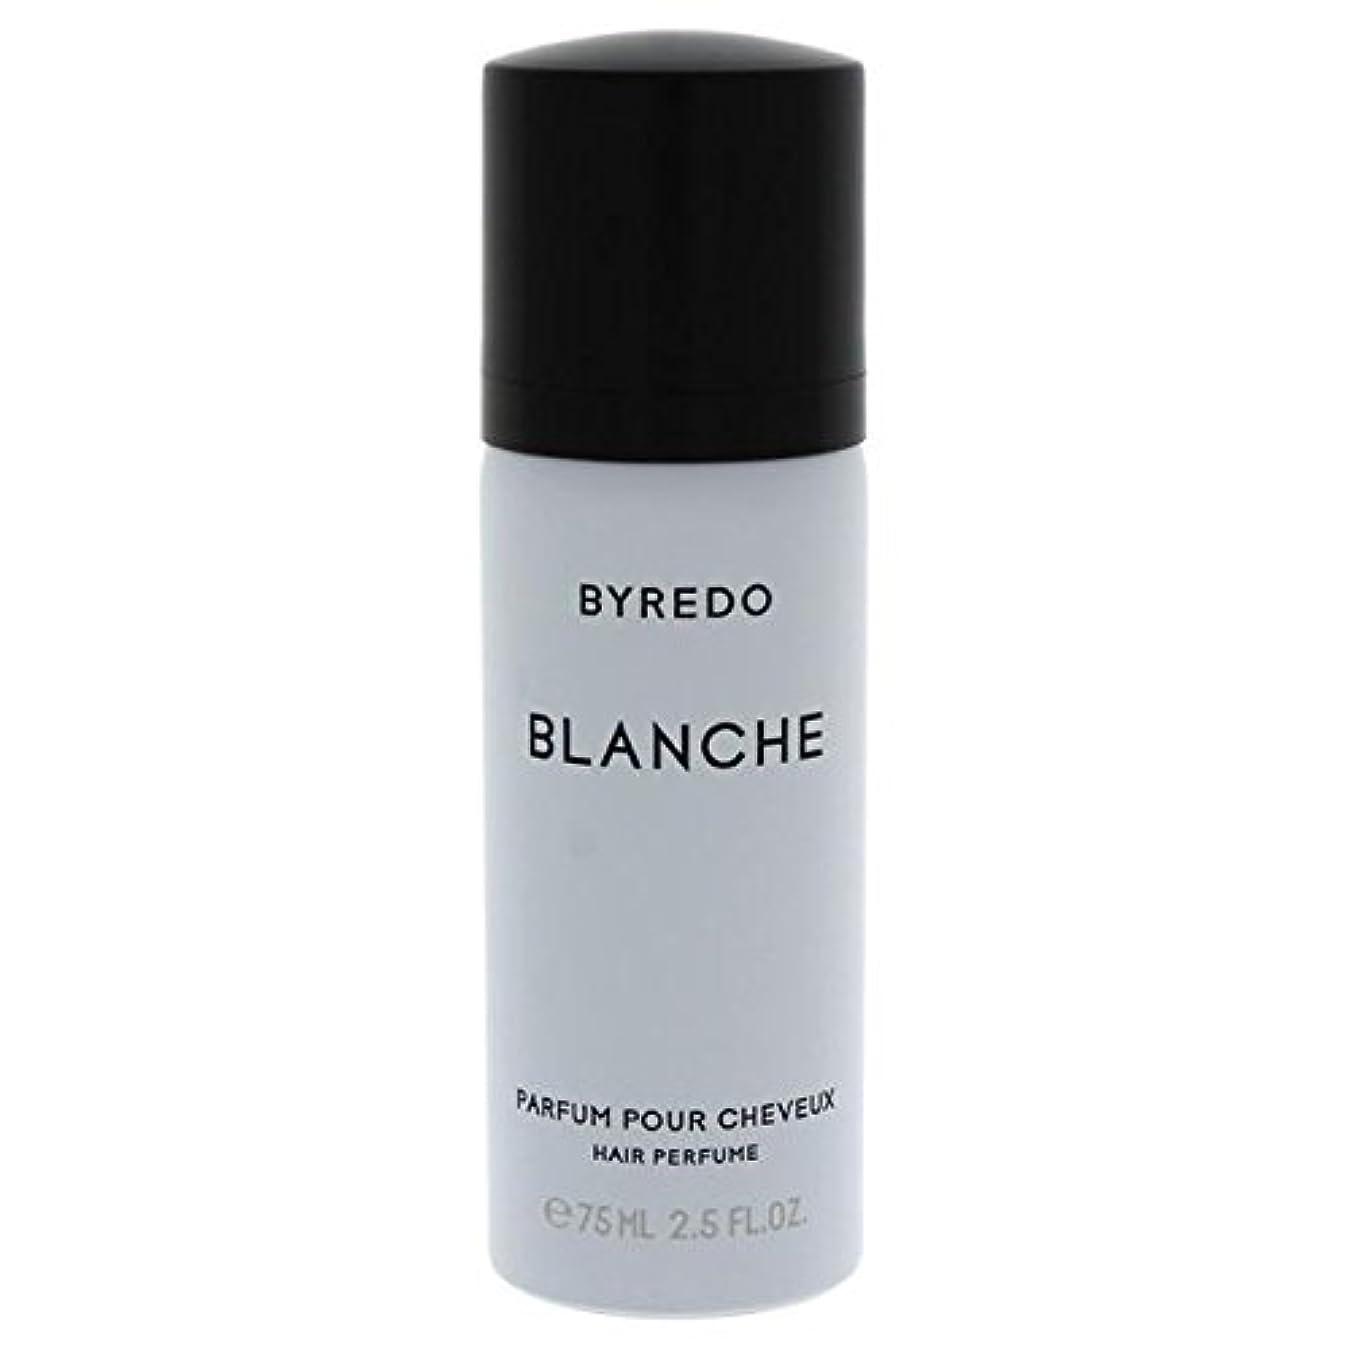 成果残る既婚バレード ブランシュ ヘアパフューム 75ml BYREDO BLANCHE HAIR PERFUME